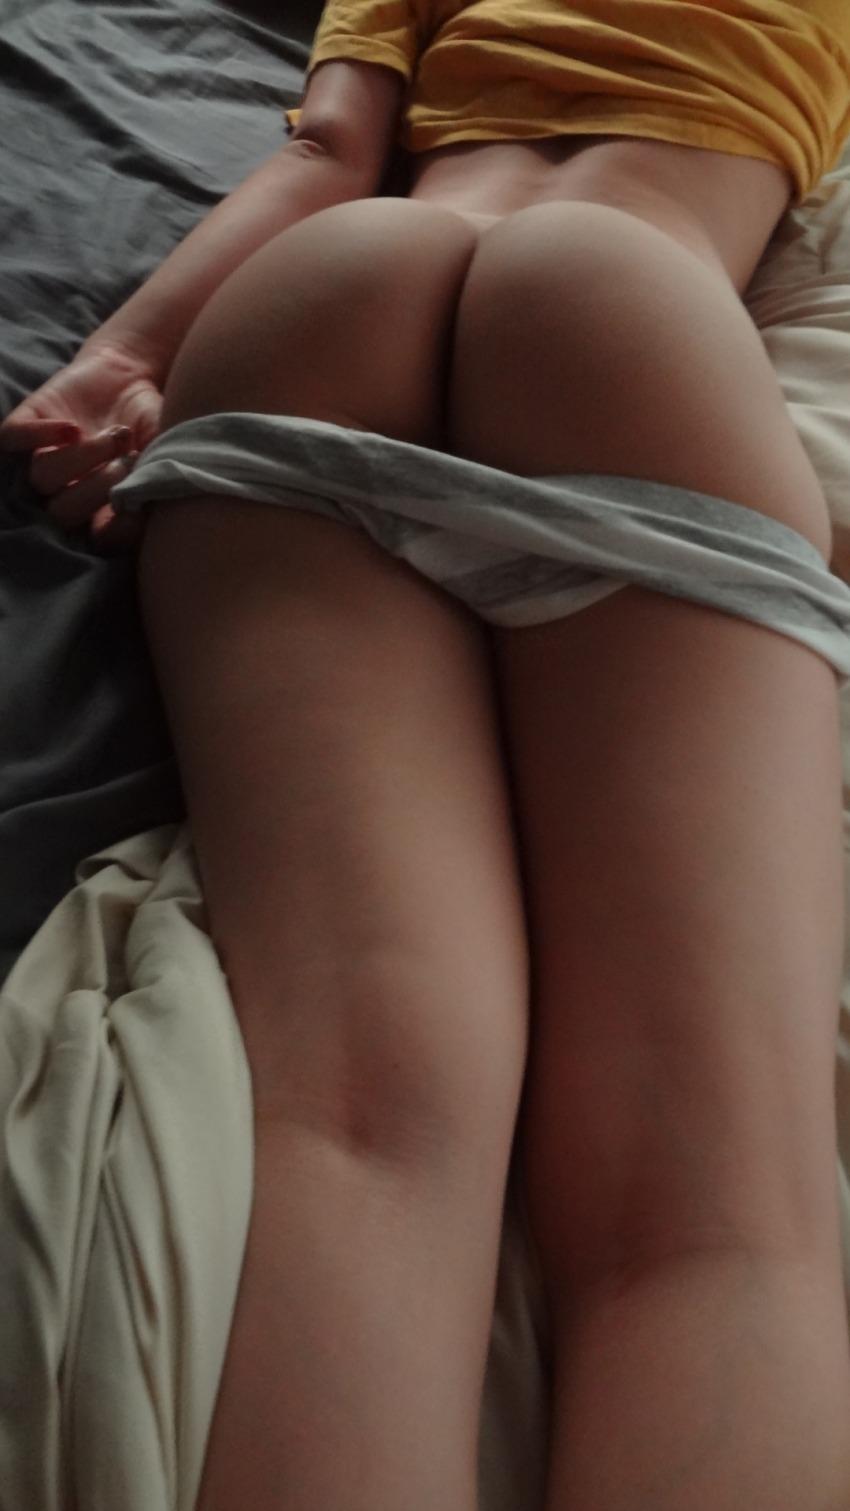 Asian girls taking off panties